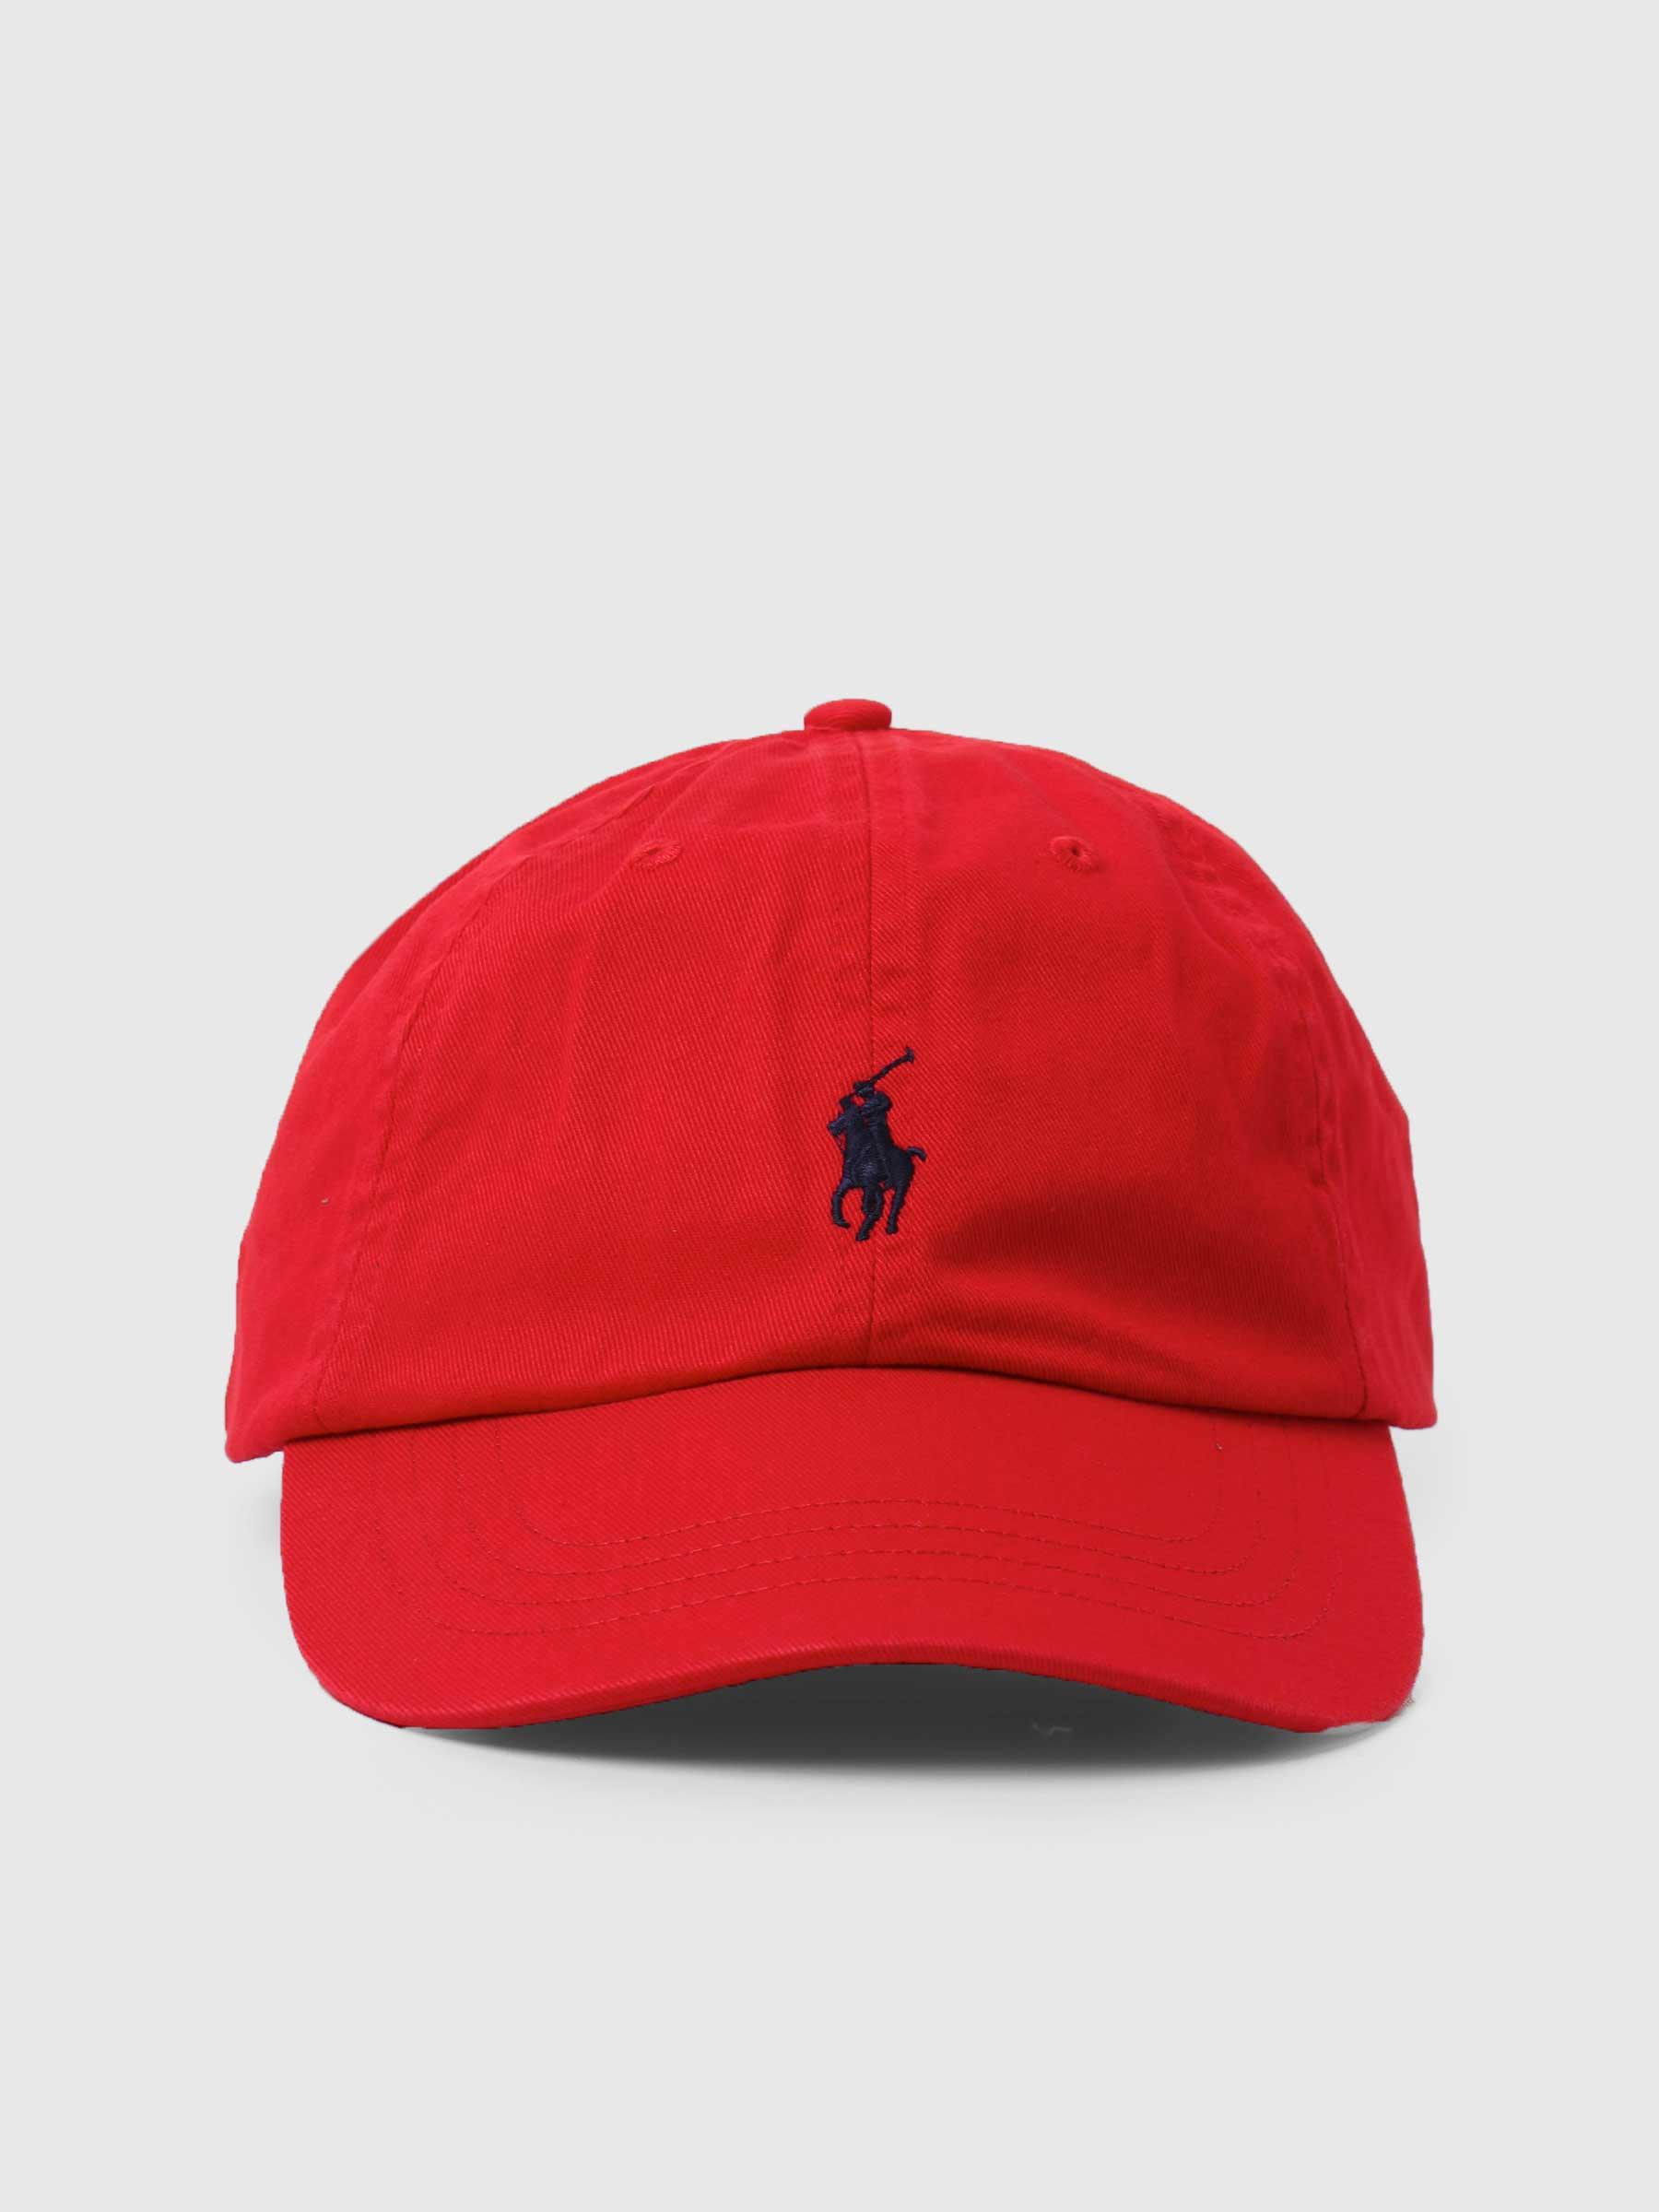 Classic Sport Cap RL2000 Red Blue 710548524002